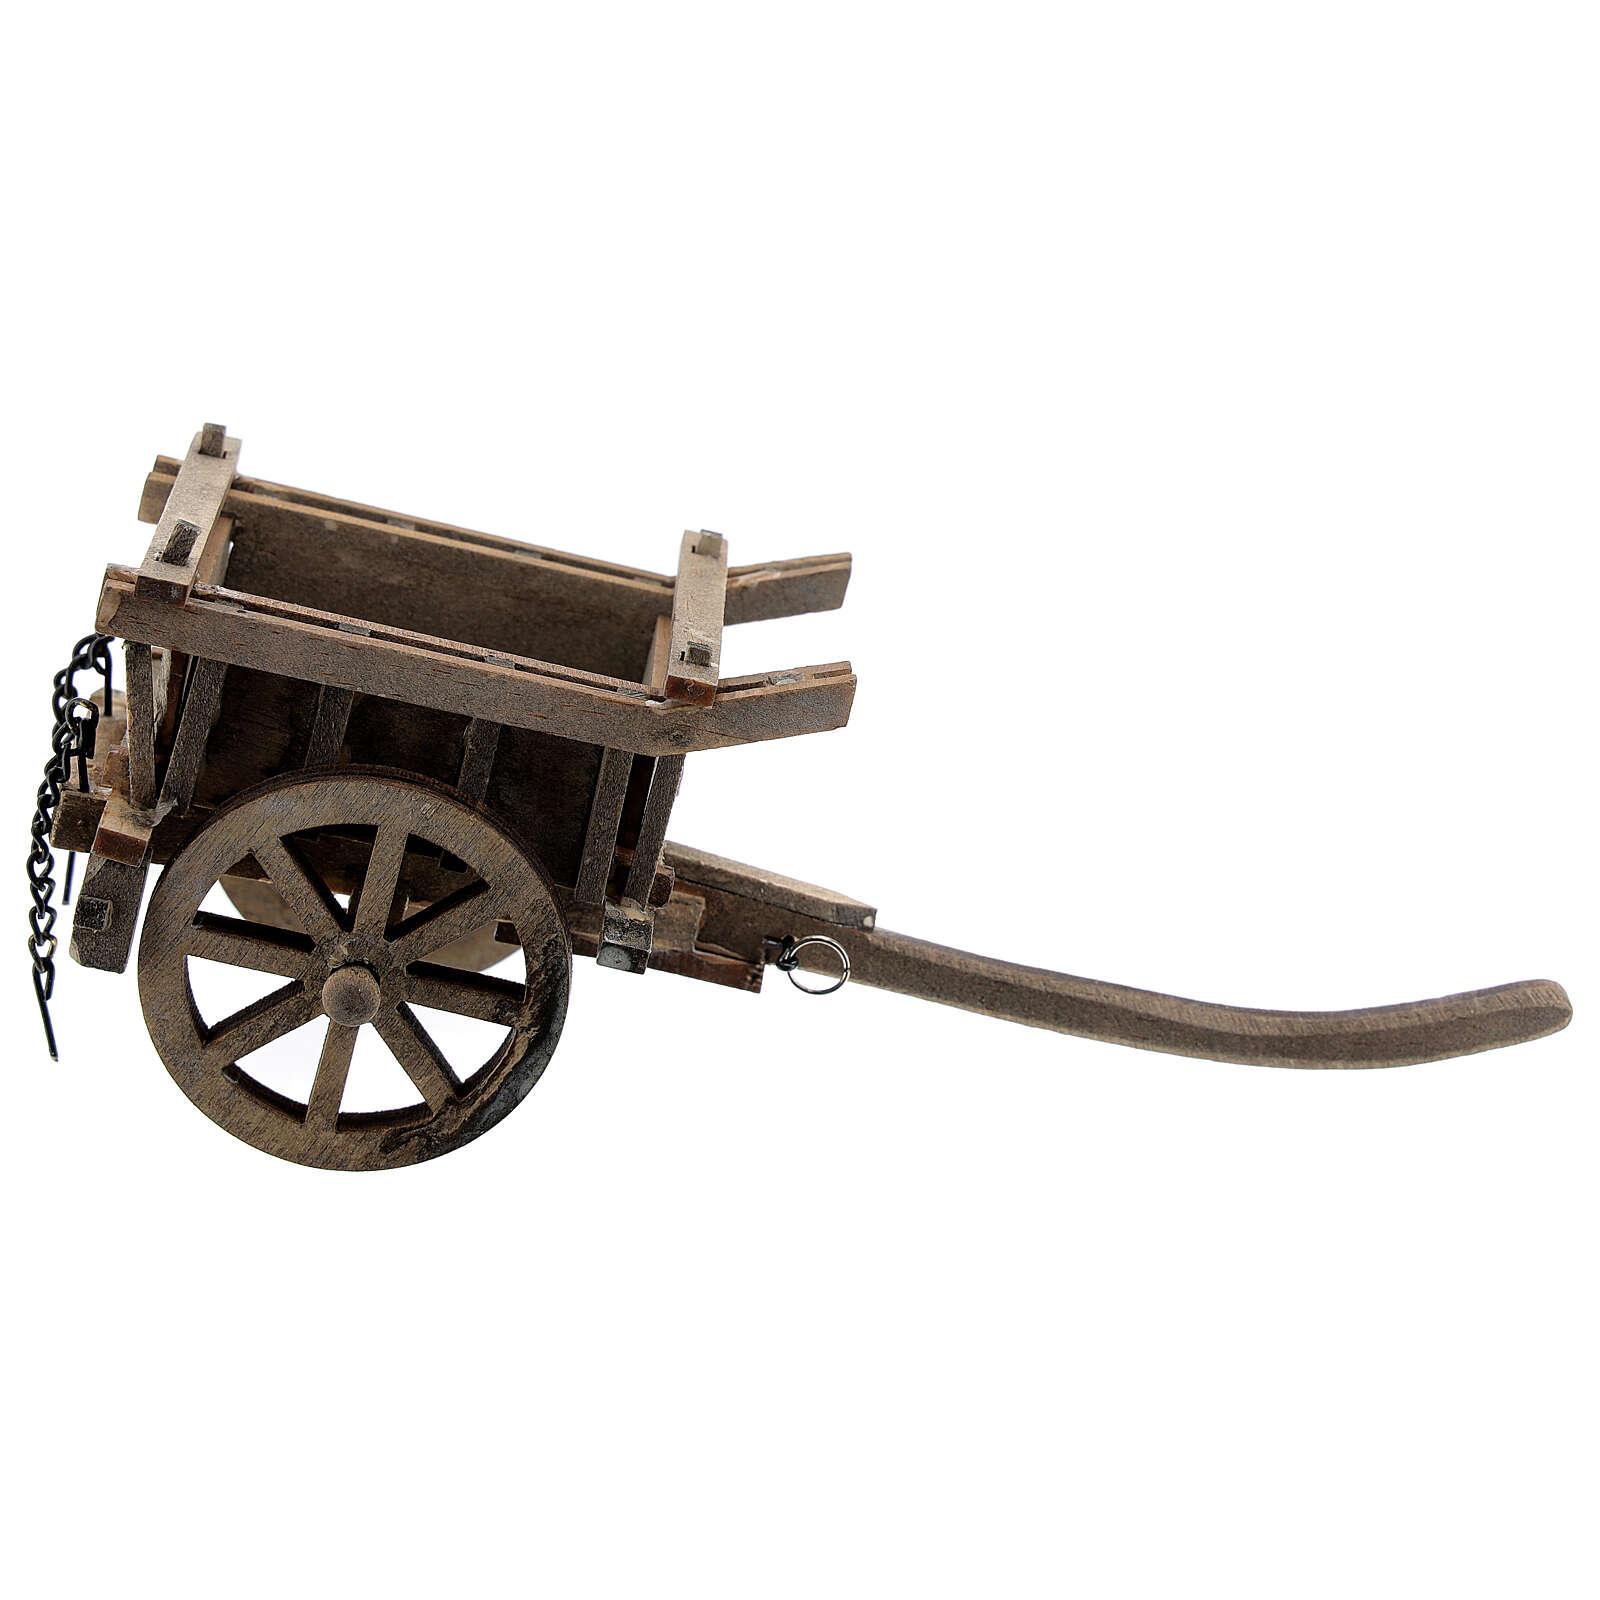 Carrinho de madeira duas rodas miniatura para presépio com figuras altura média 8-10 cm 4